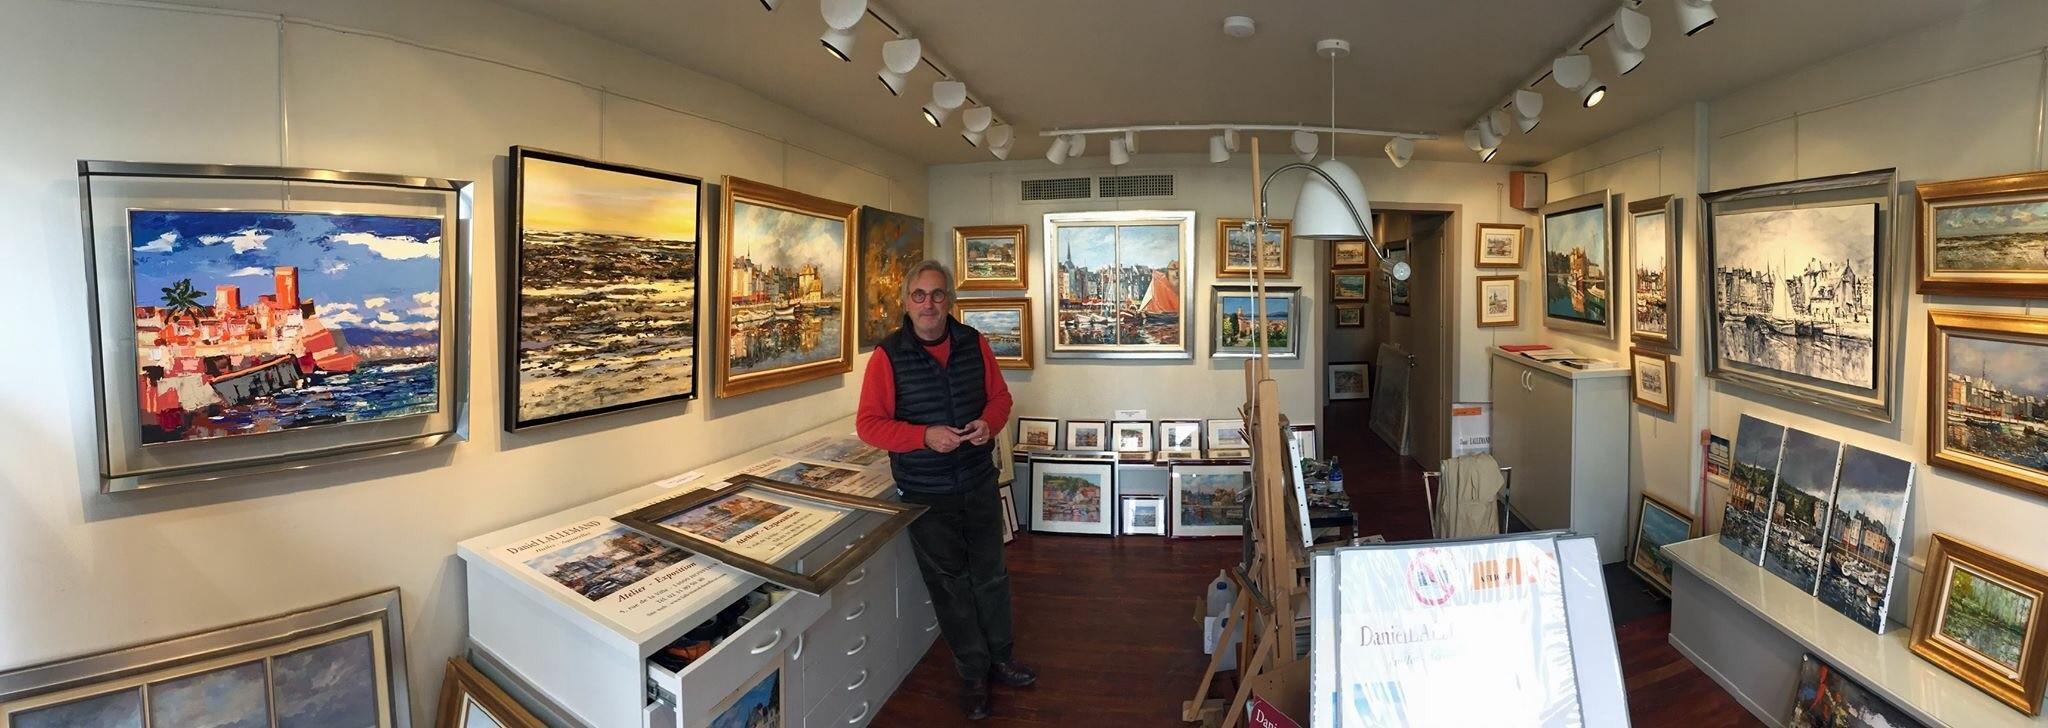 Daniel Lallemand artiste peintre à Honfleur